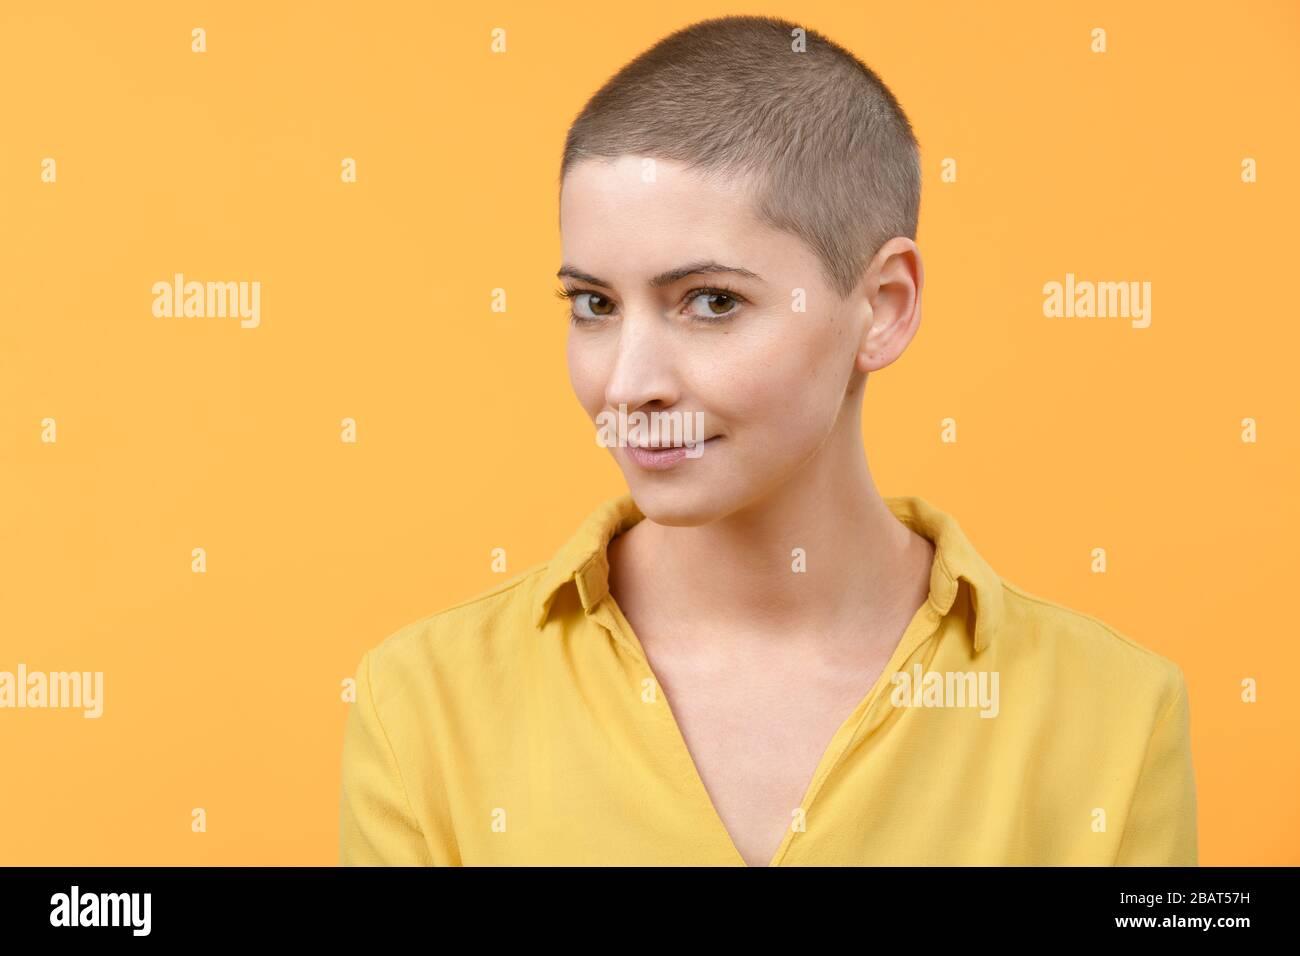 Retrato de estudio de una hermosa mujer caucásica joven con cabeza afeitada sobre fondo amarillo brillante. Retrato de sobreviviente de cáncer. Foto de stock